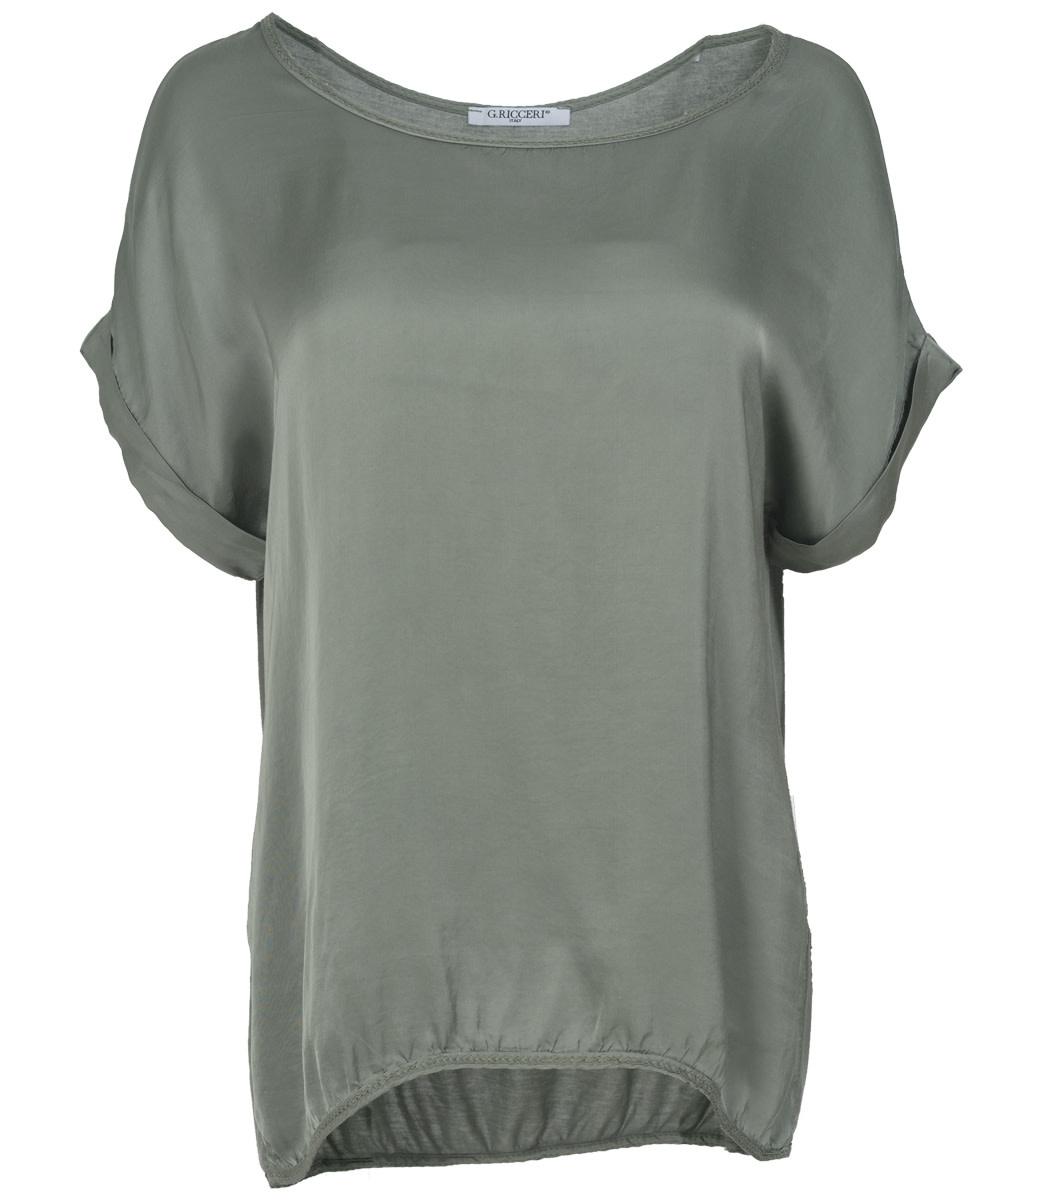 Gemma Ricceri Shirt army silk touch